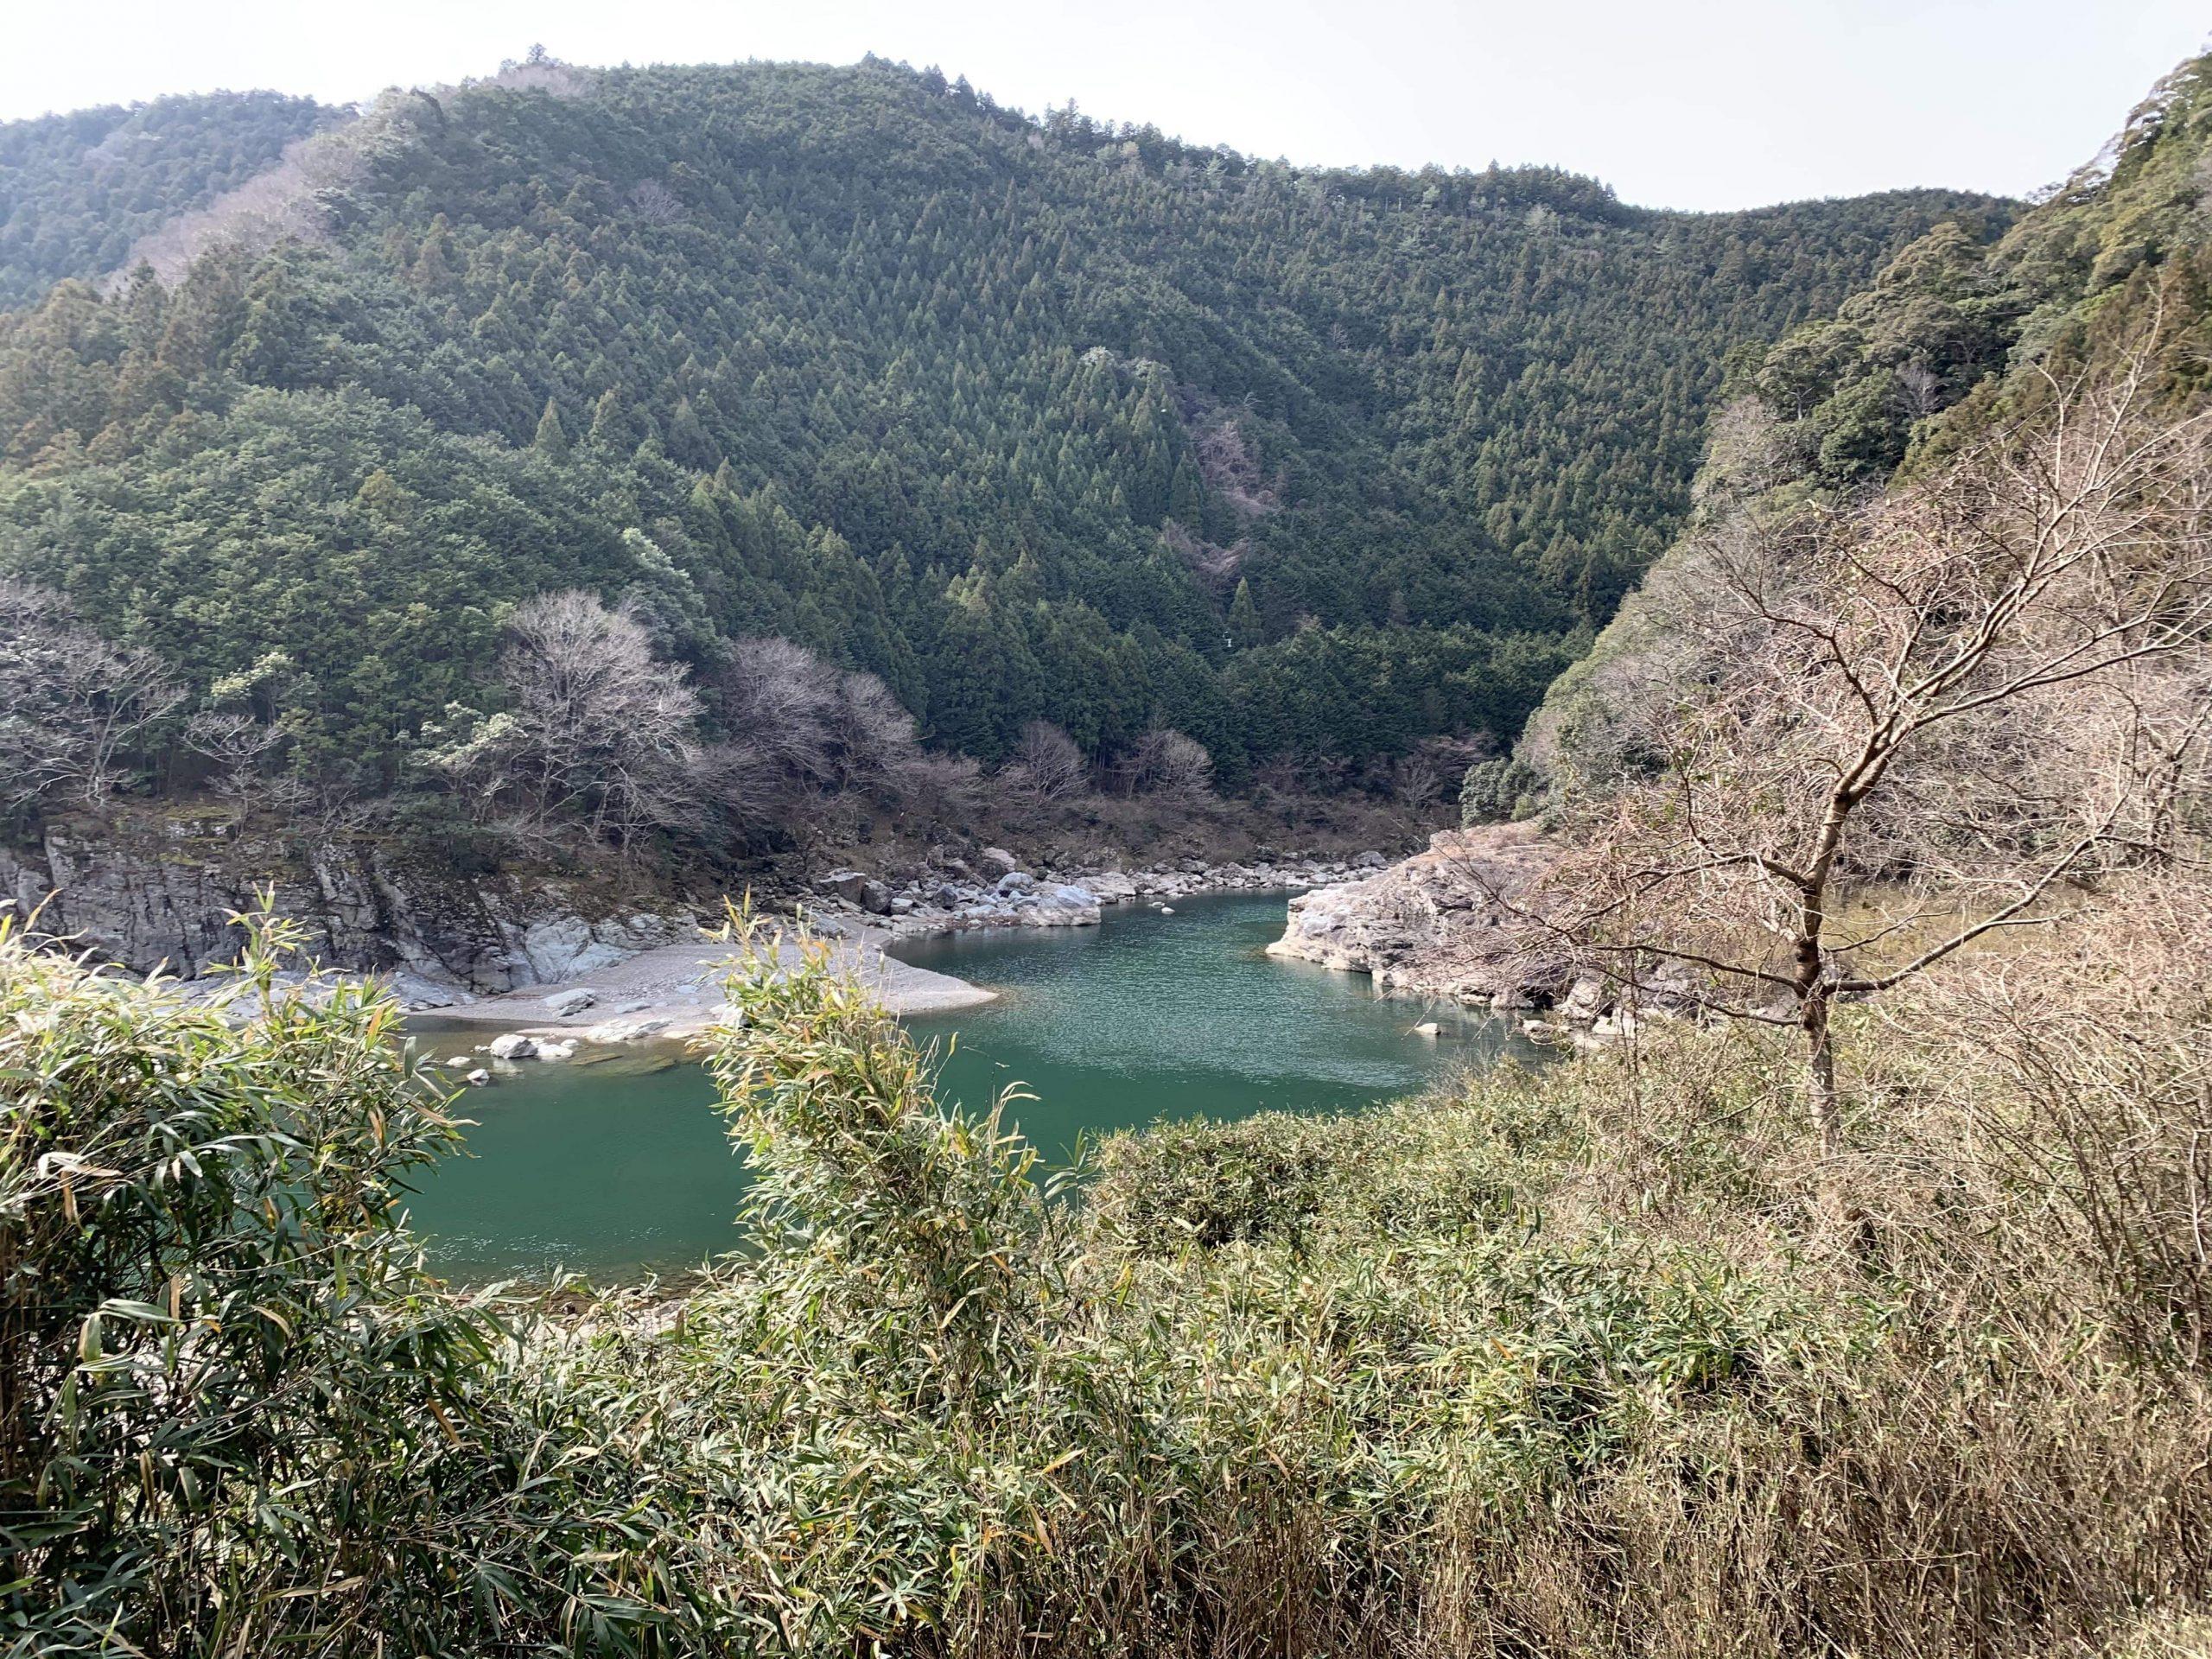 蛇行しひっそりと隠された聖地を作り出す吉野川